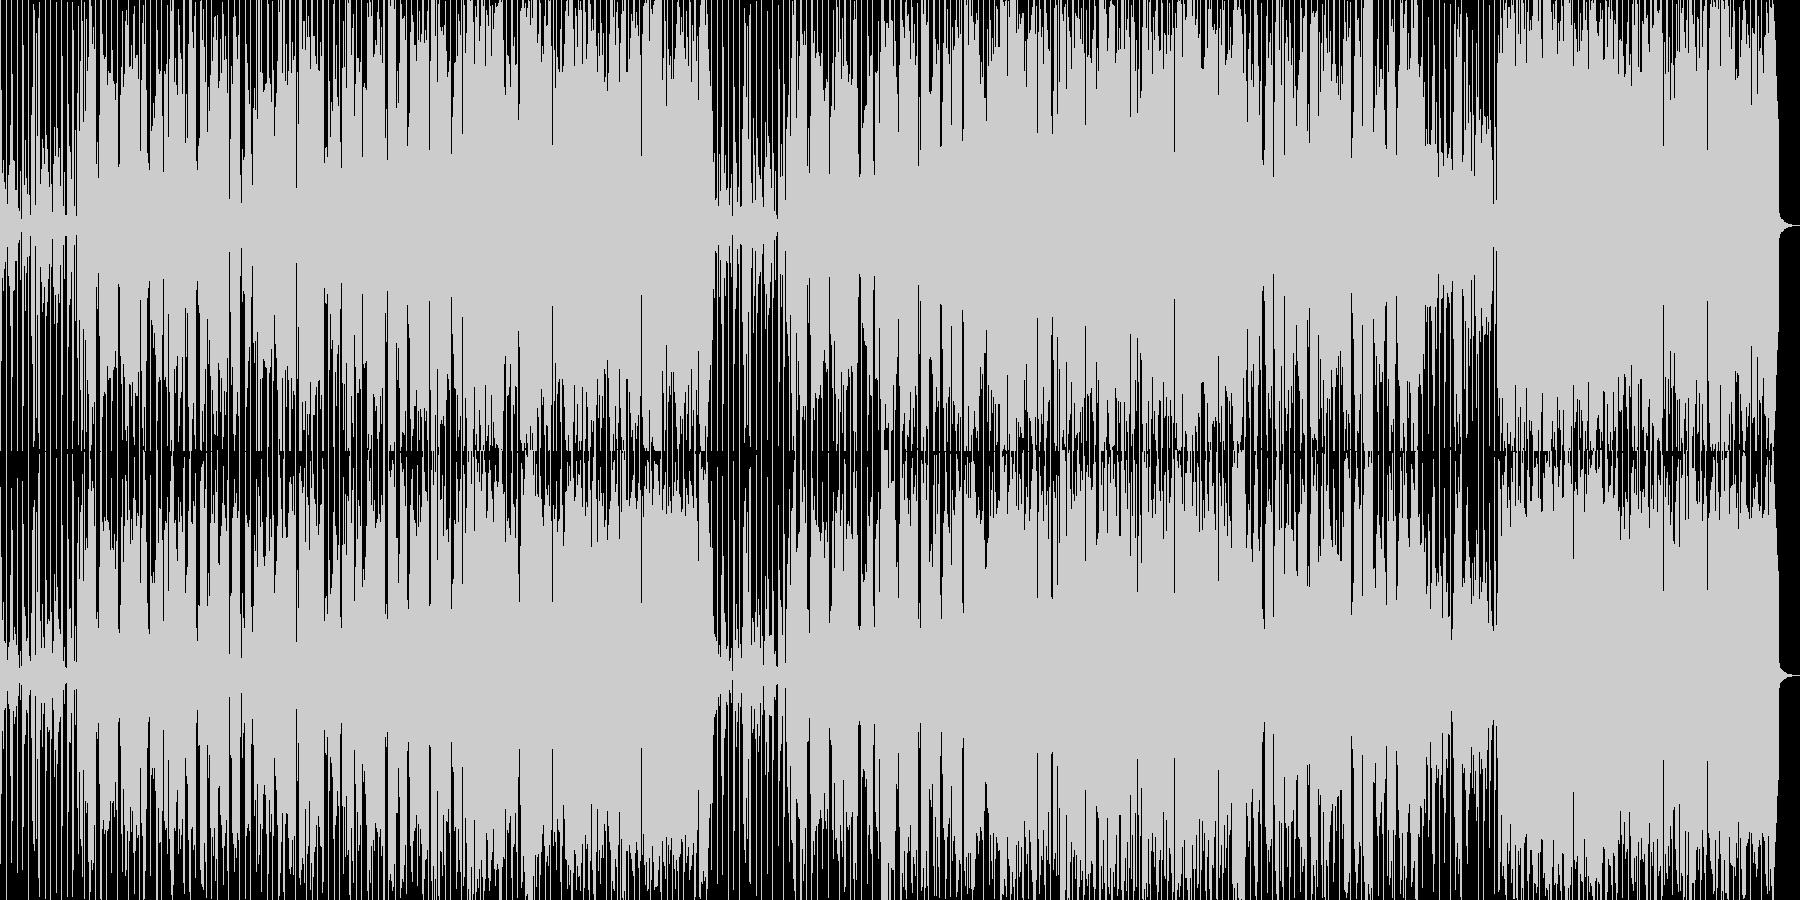 ヒップホップ風のリズムのR&Bバラード2の未再生の波形